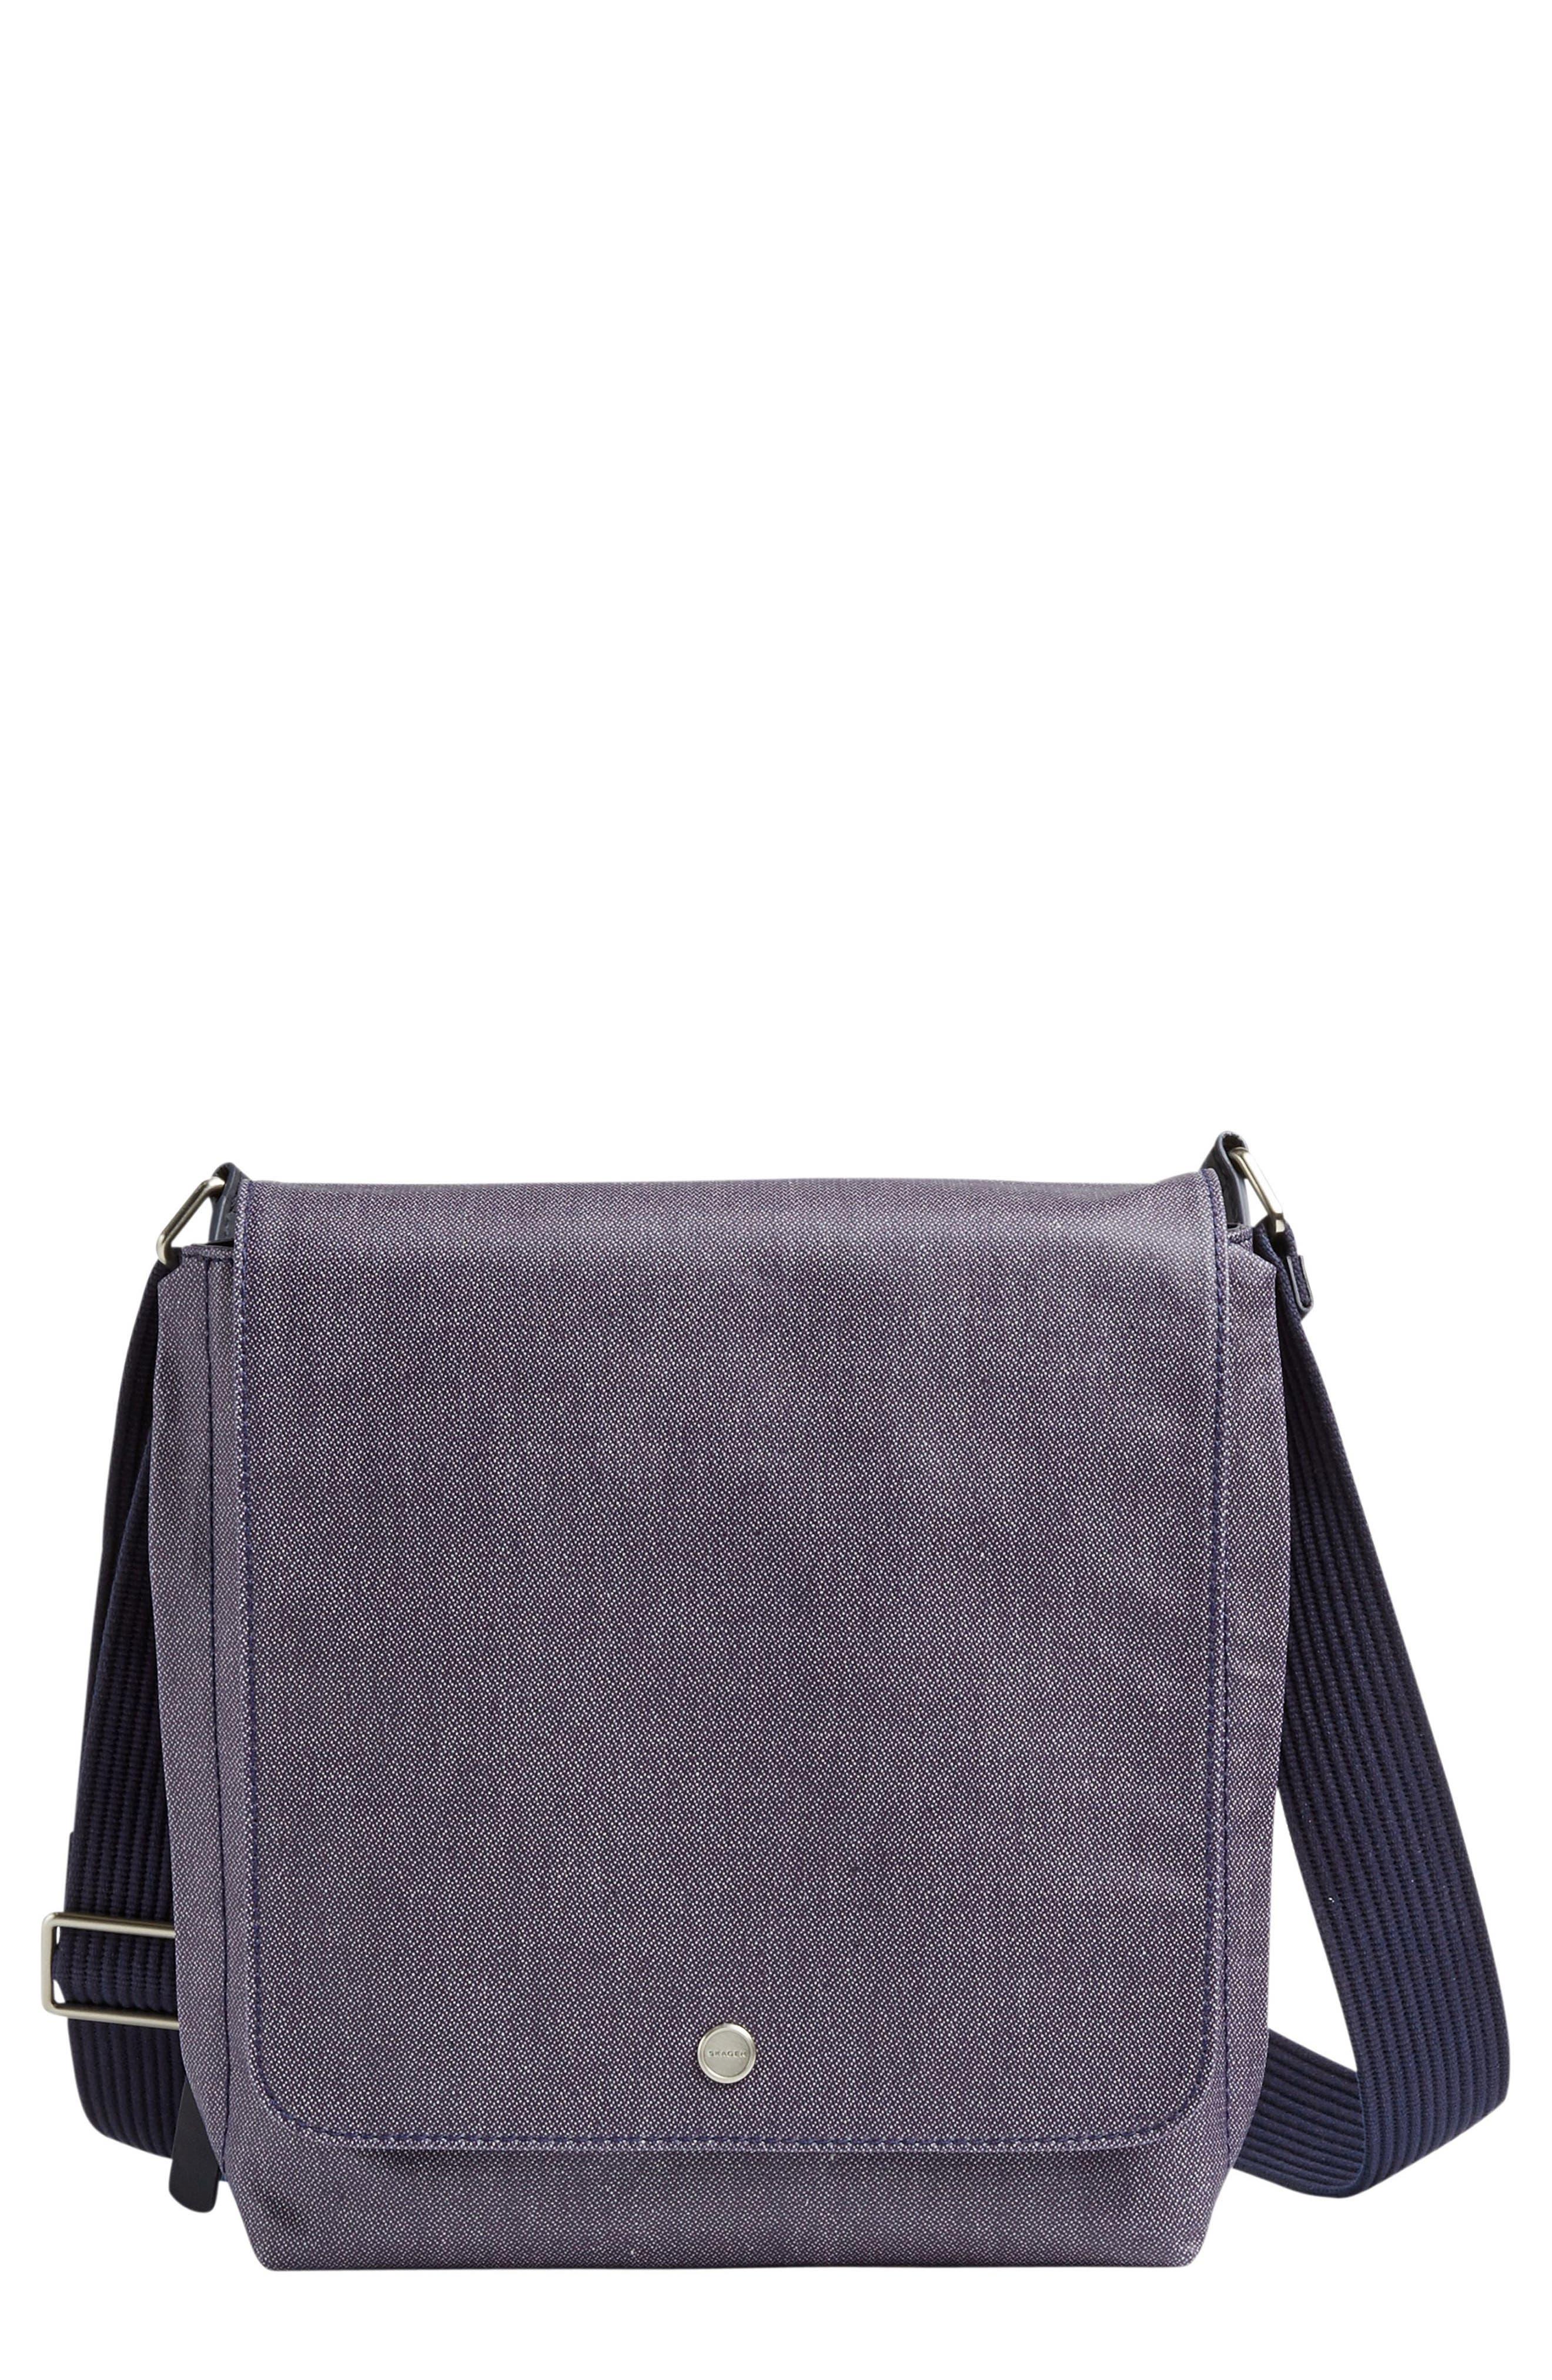 SKAGEN 'Gade' Messenger Bag